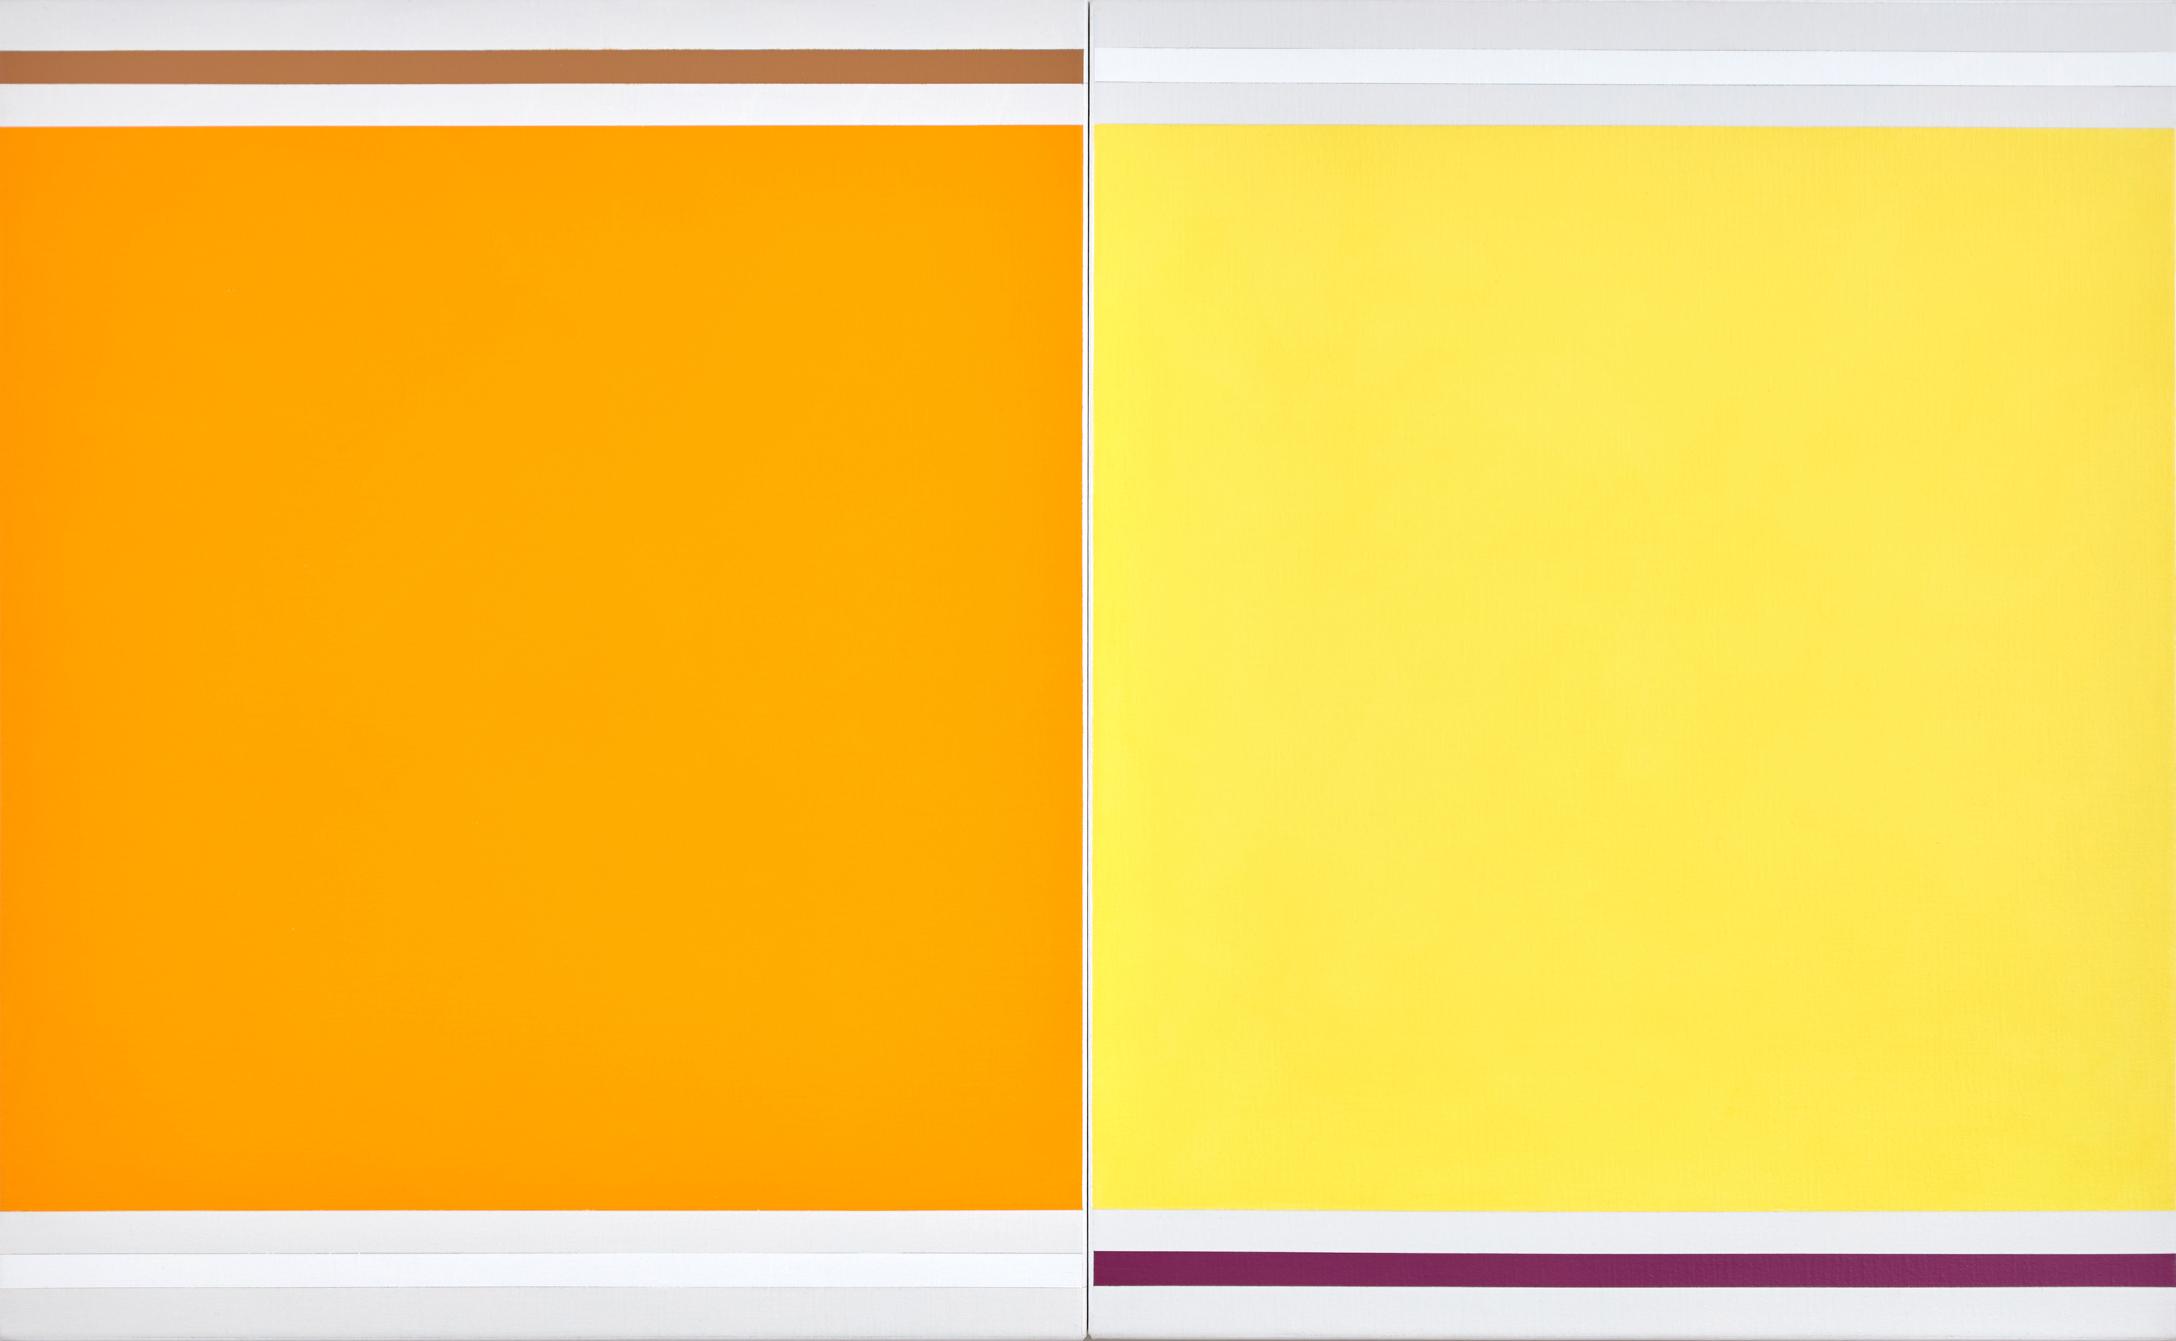 Yellow with Yellow, 2016  acrylic on Belgian linen  80 x 130 cm